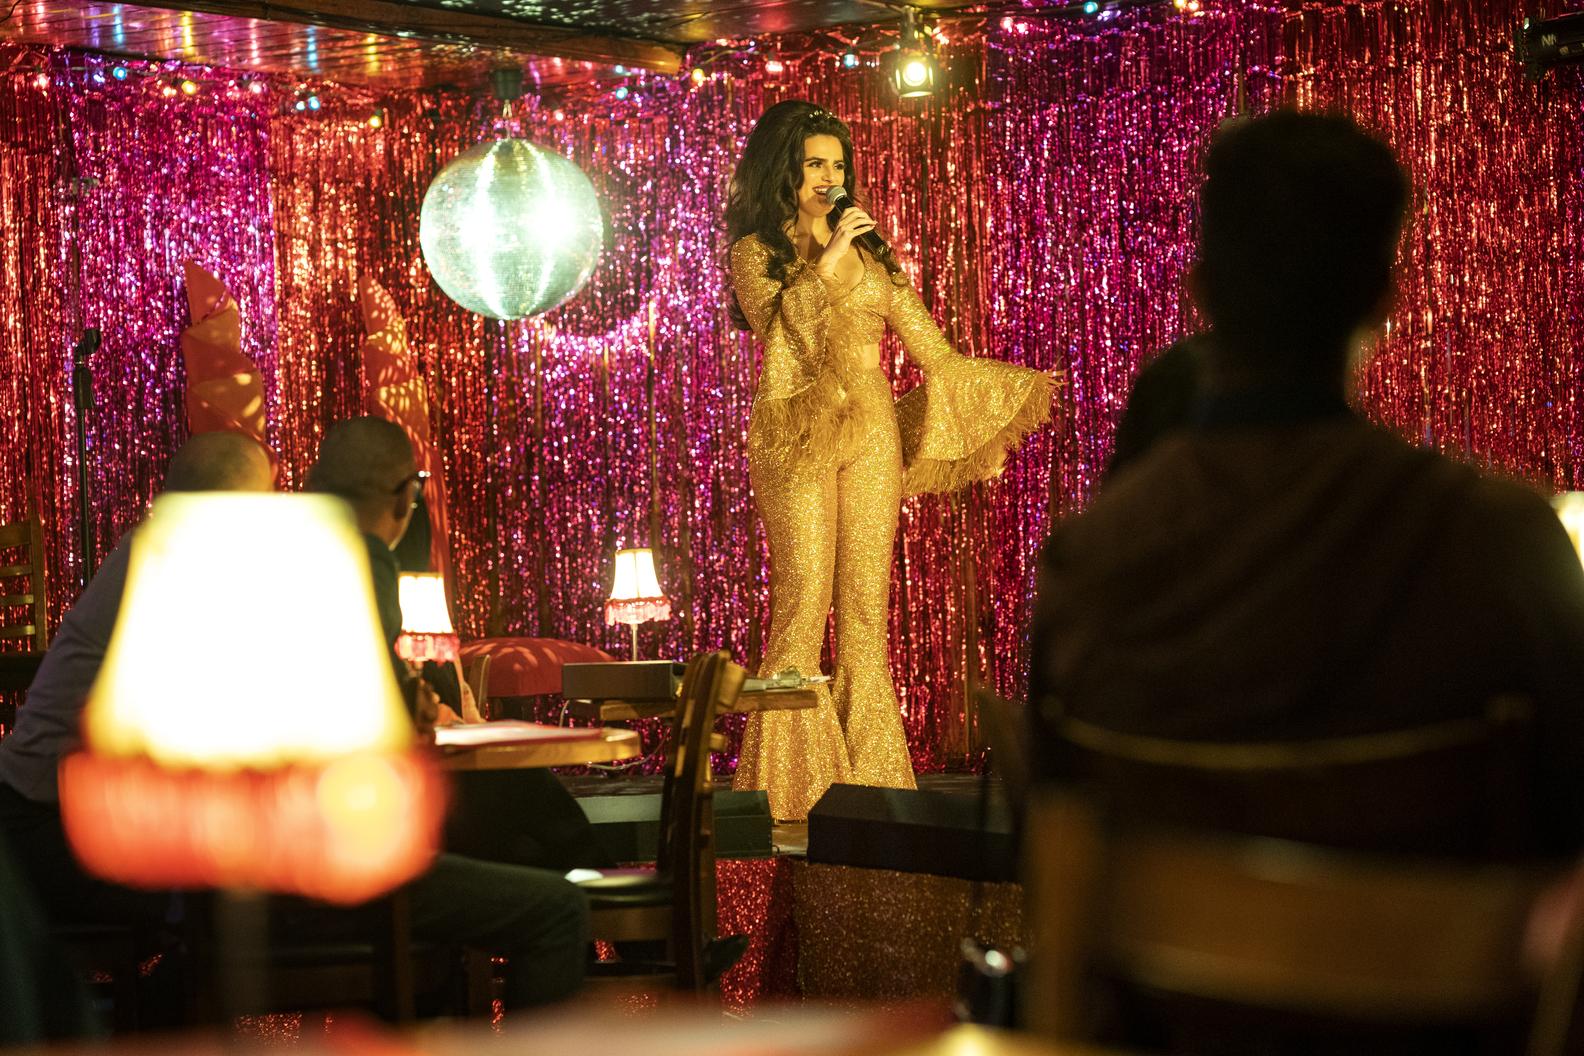 Cena da série Generation. A cena mostra Ana, uma mulher latina, usando macacão dourado, em cima de um palco, falando no microfone e com um fundo de papéis rosas atrás dela.